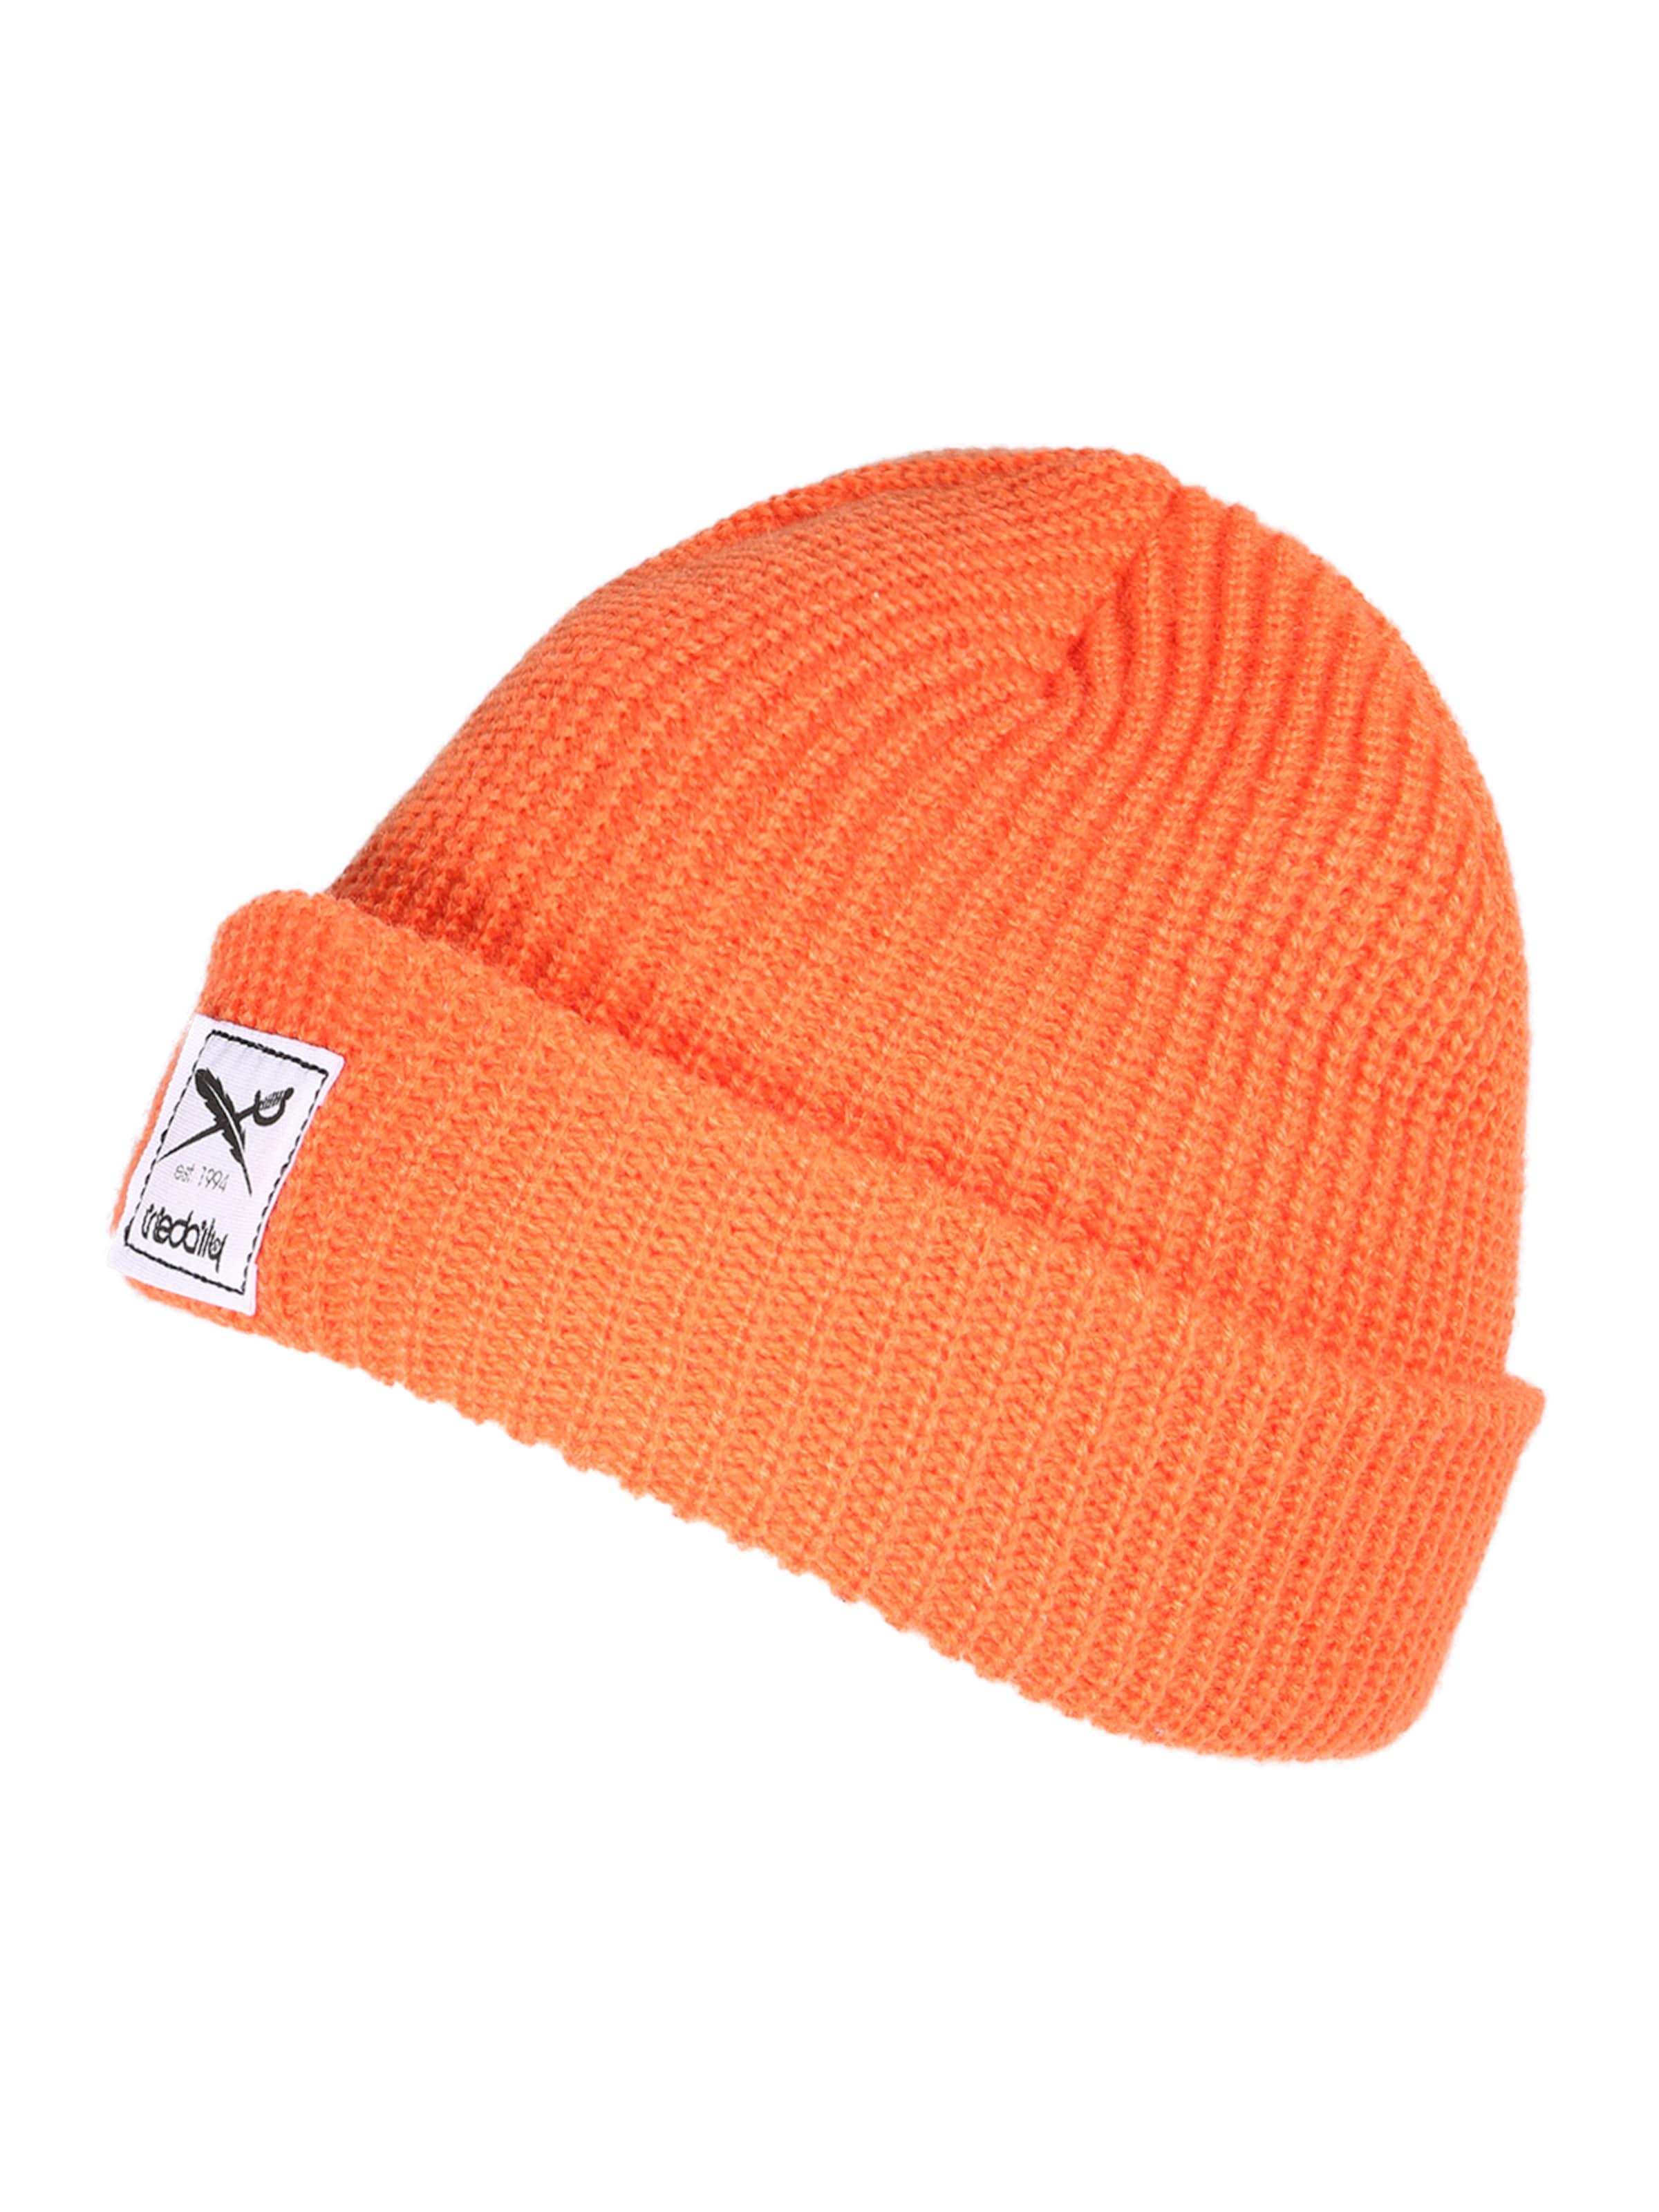 Orange Beanie In 'kreuzkoelln' Beanie In Iriedaily Orange Beanie Iriedaily 'kreuzkoelln' In 'kreuzkoelln' Iriedaily DE9HI2